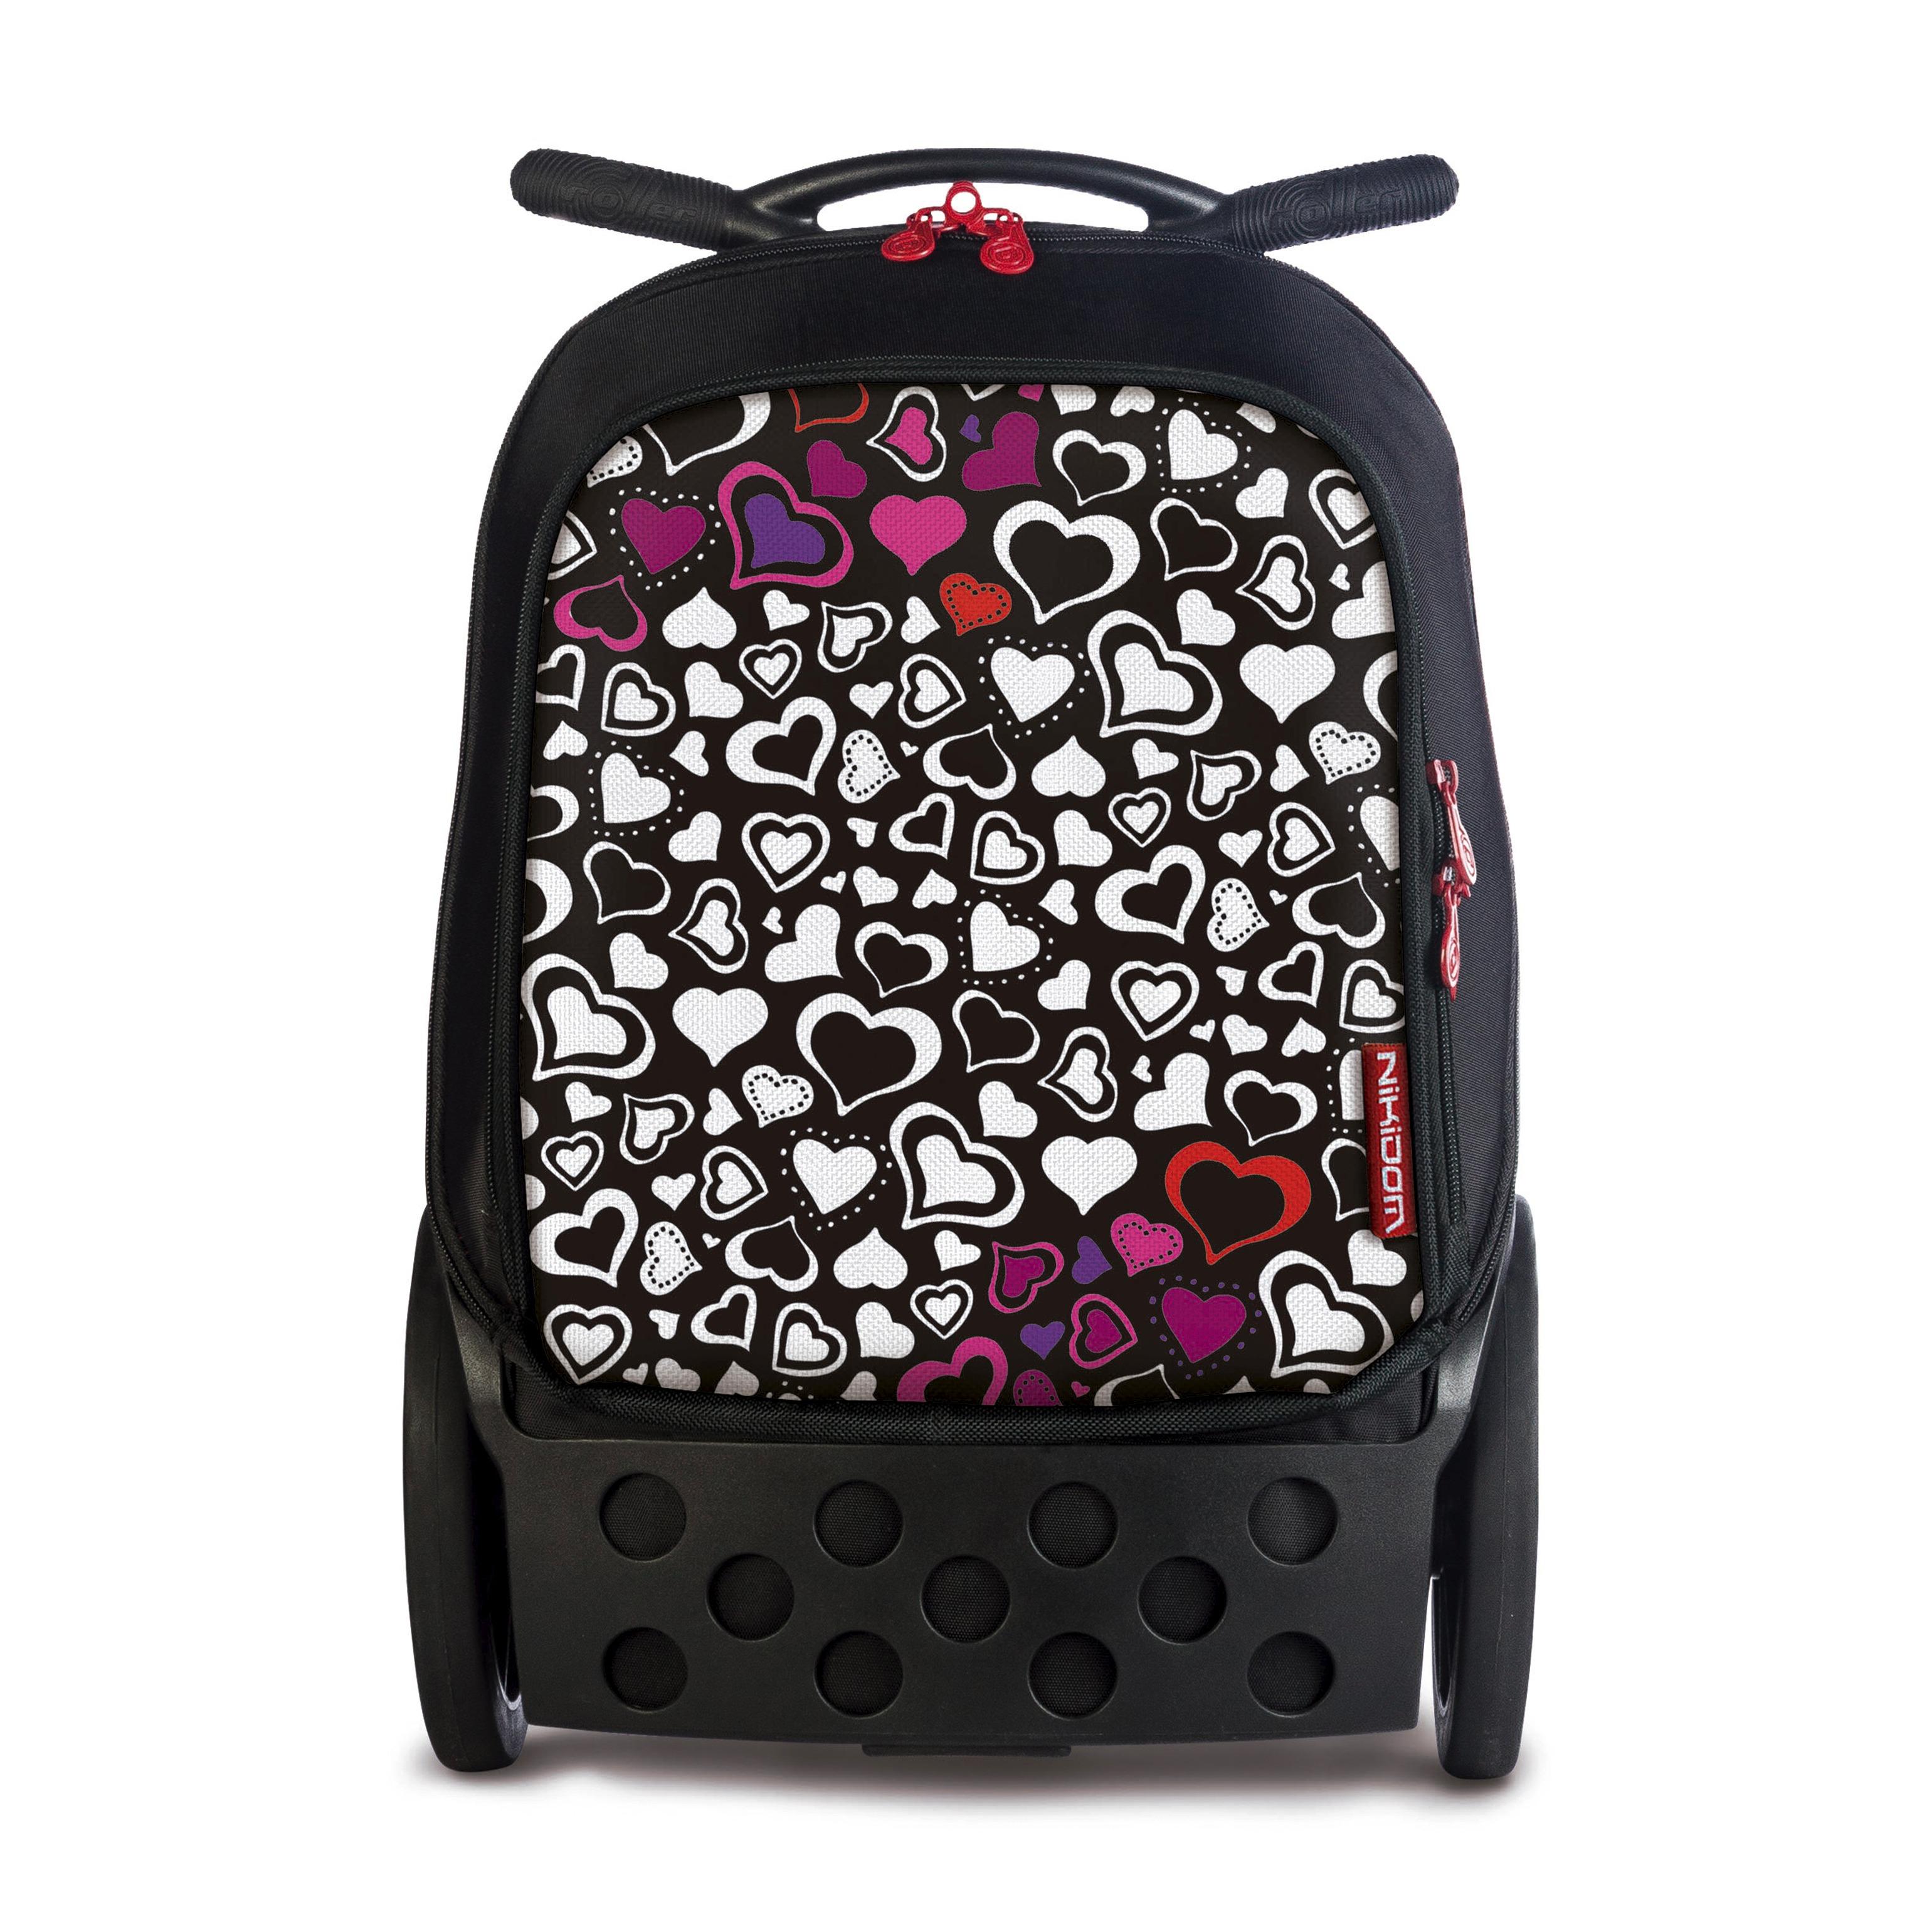 Školní taška na kolečkách Nikidom Roller XL Cuore  b3453816f2